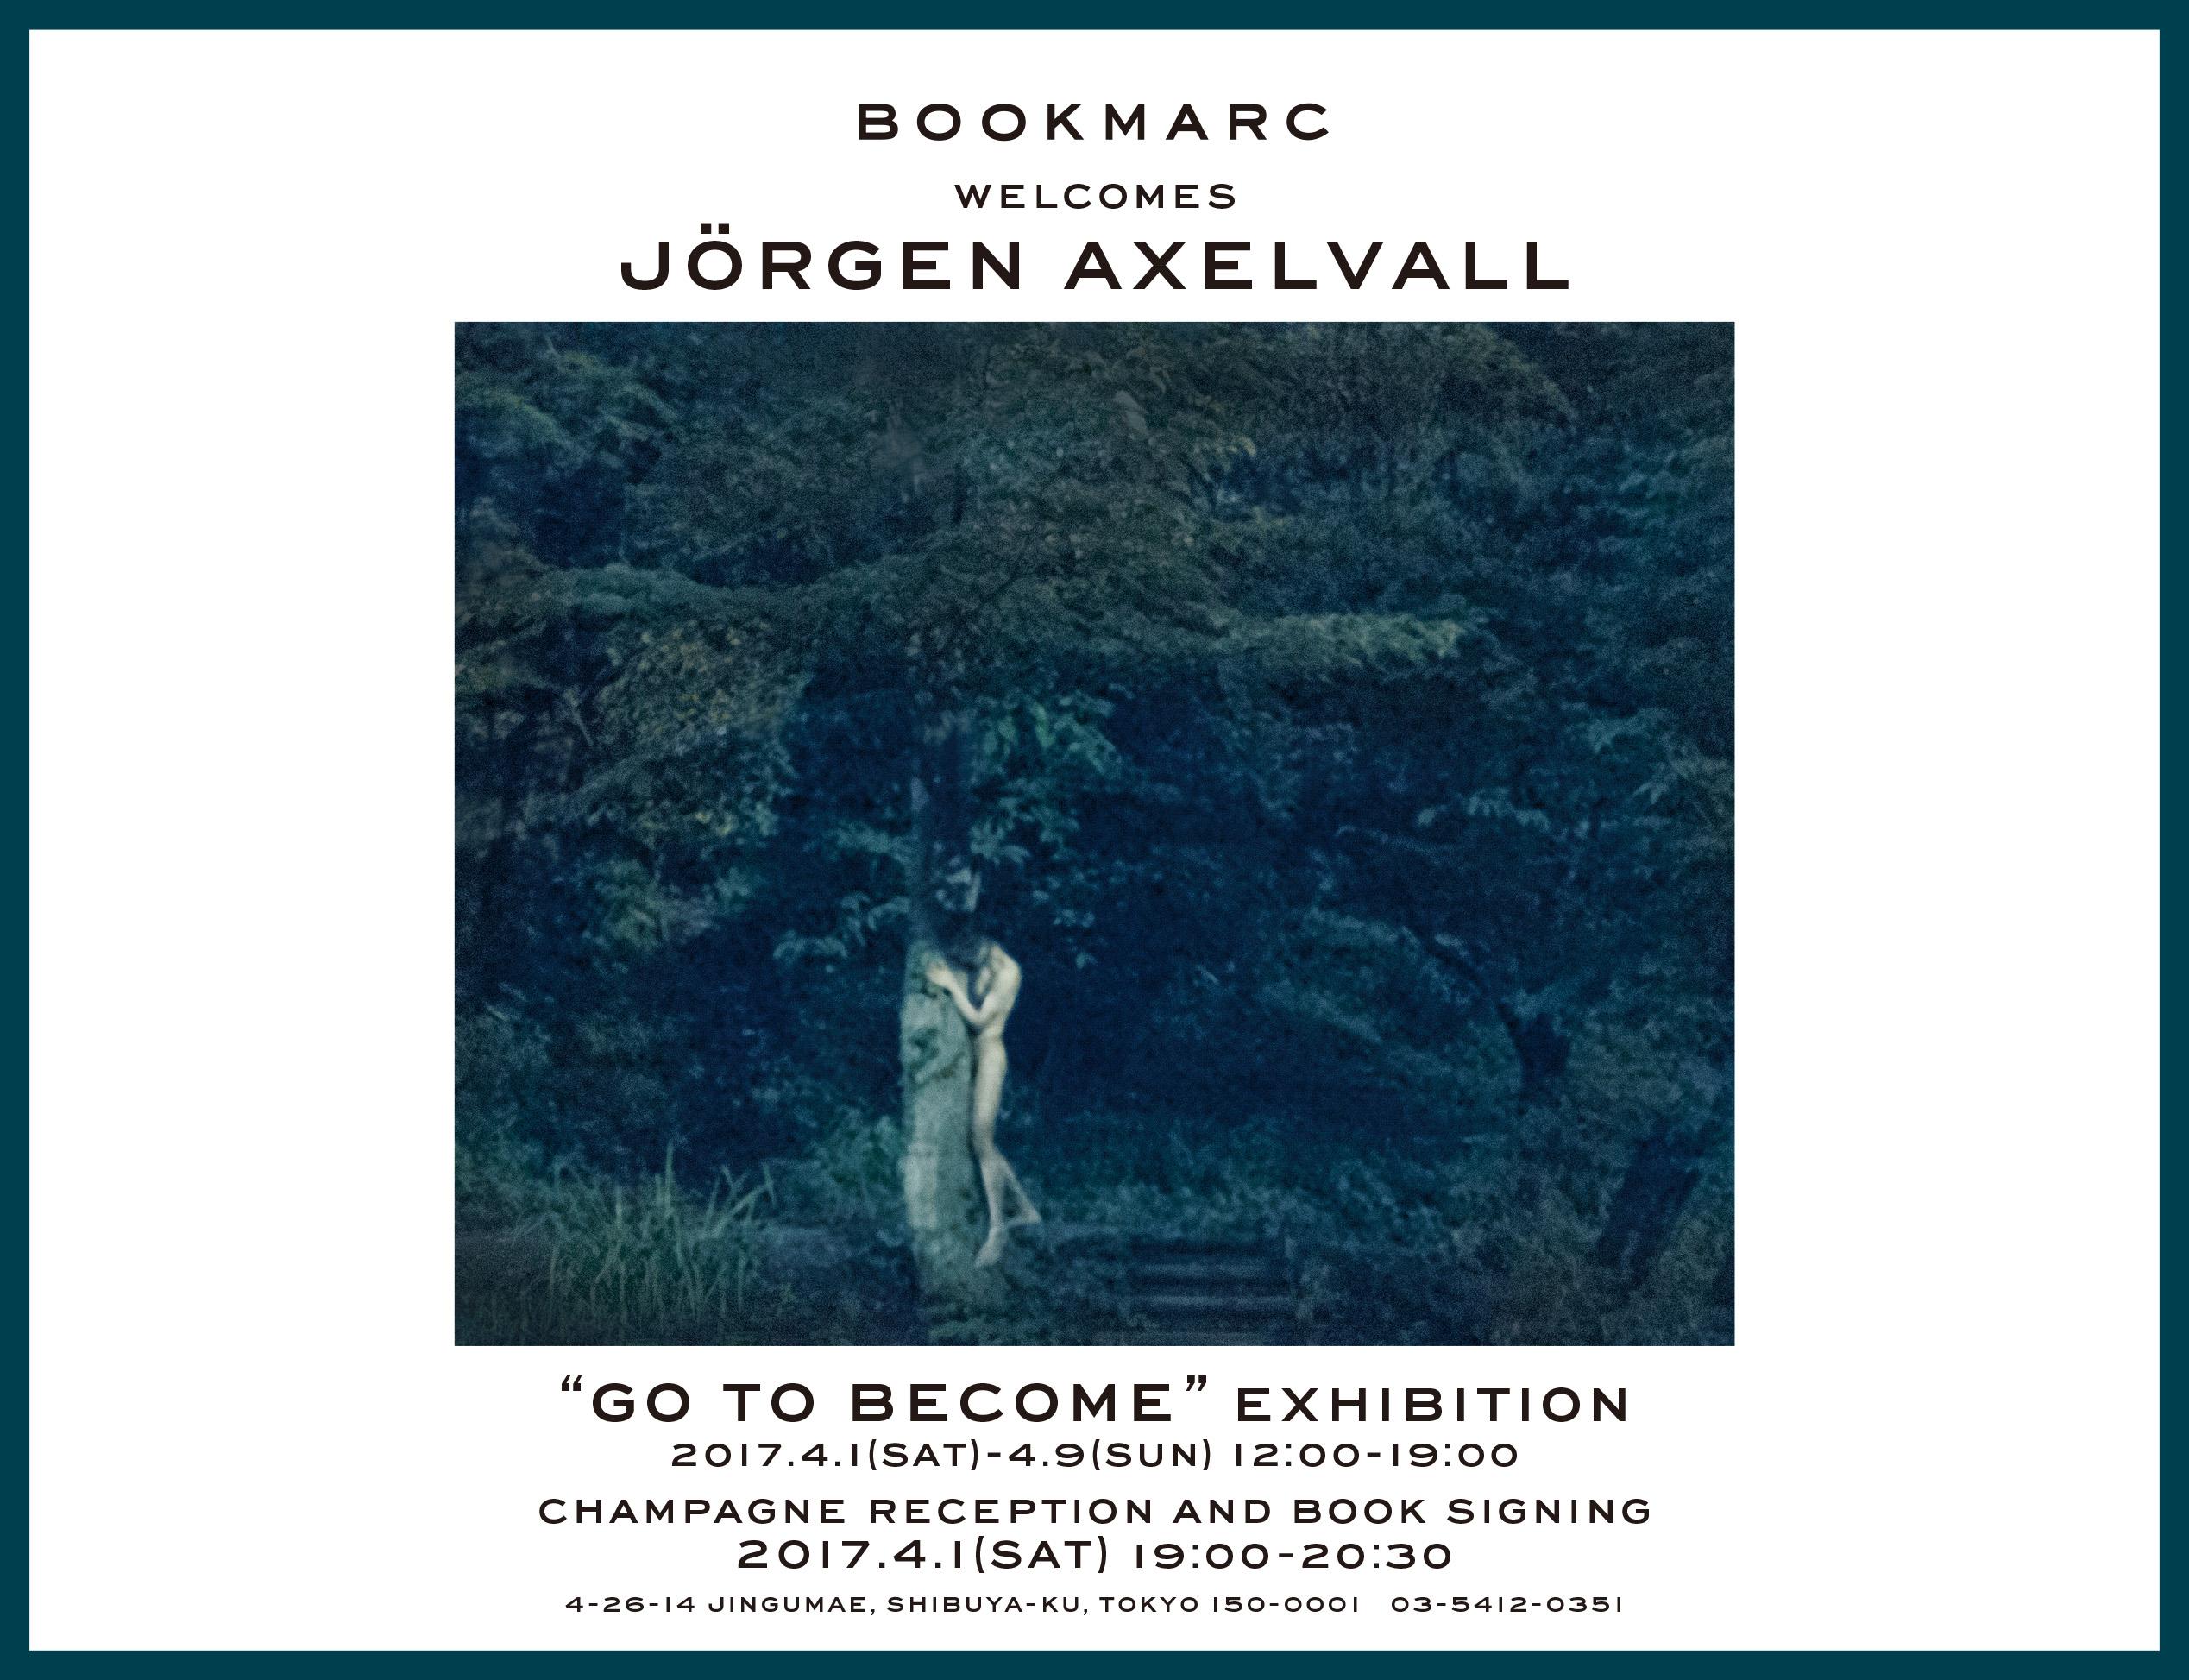 写真家ヨーガン・アクセルバル×詩人・高橋睦郎『BOOKMARC』にて写真展を開催